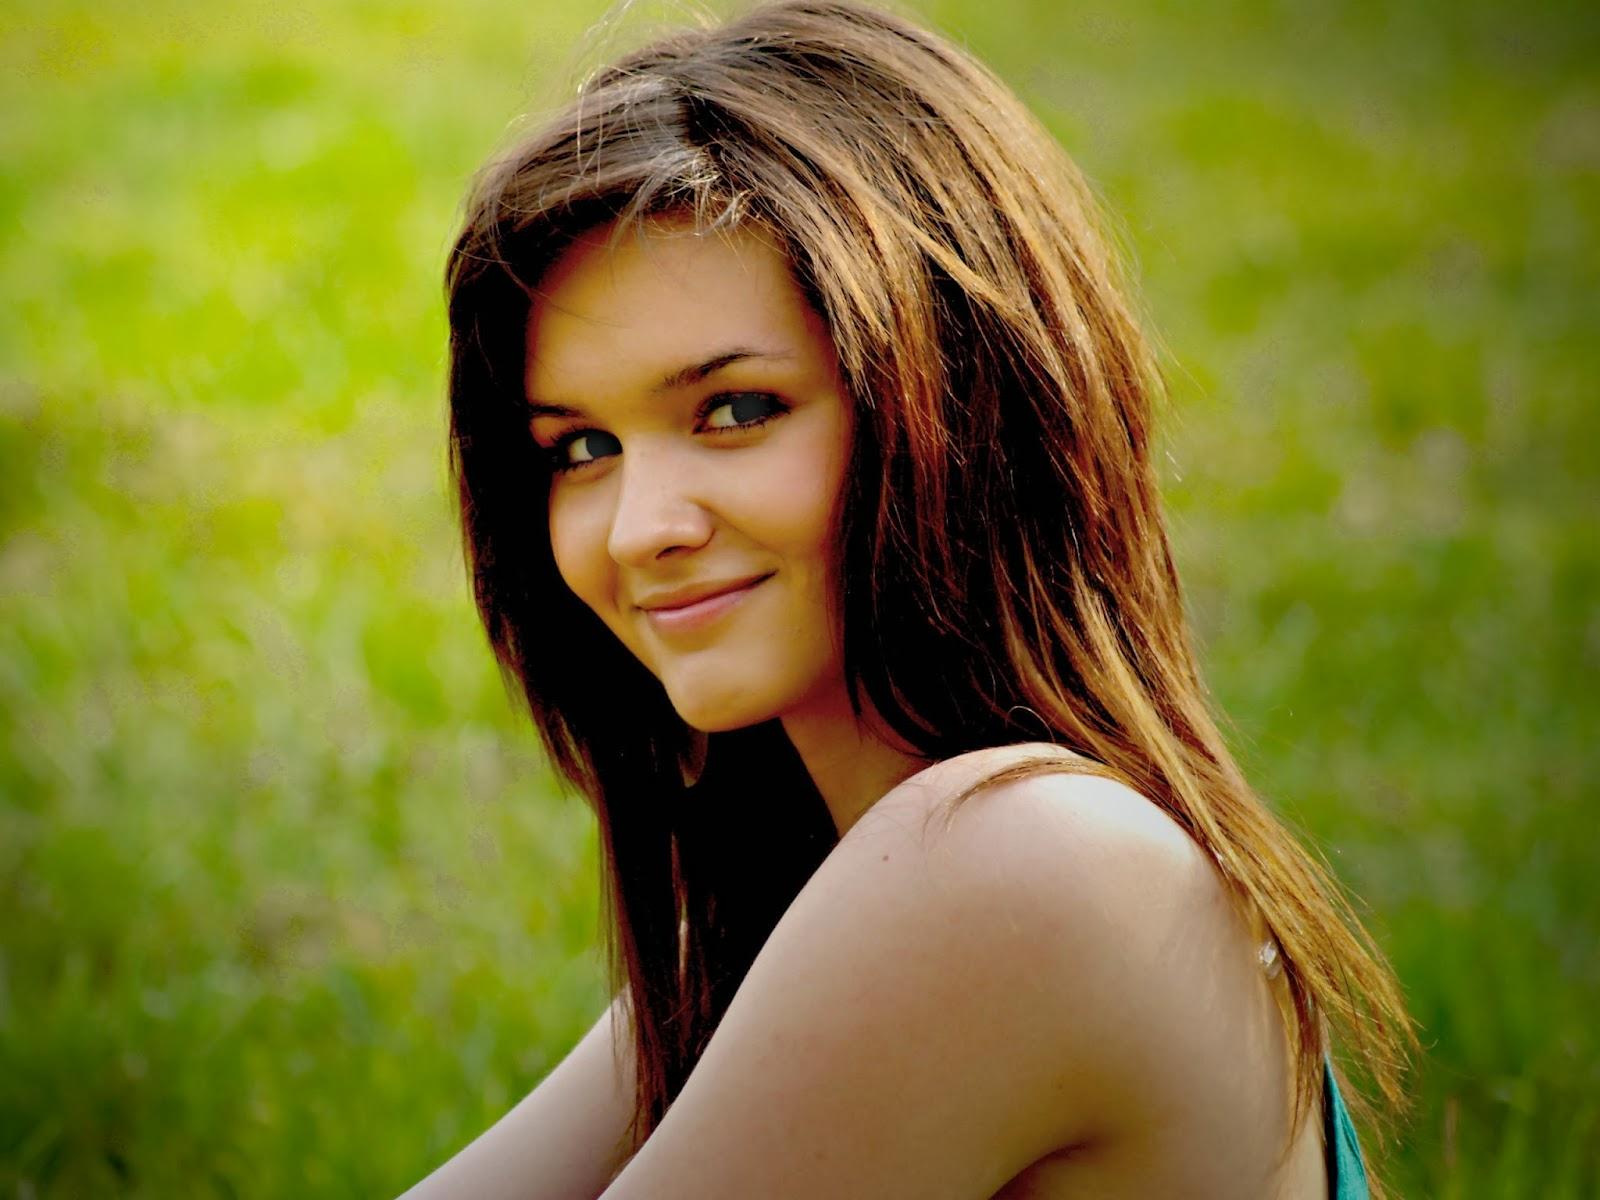 بالصور صور اجمل فتيات , الجمال الطبيعى و اجمل الفتيات 591 6